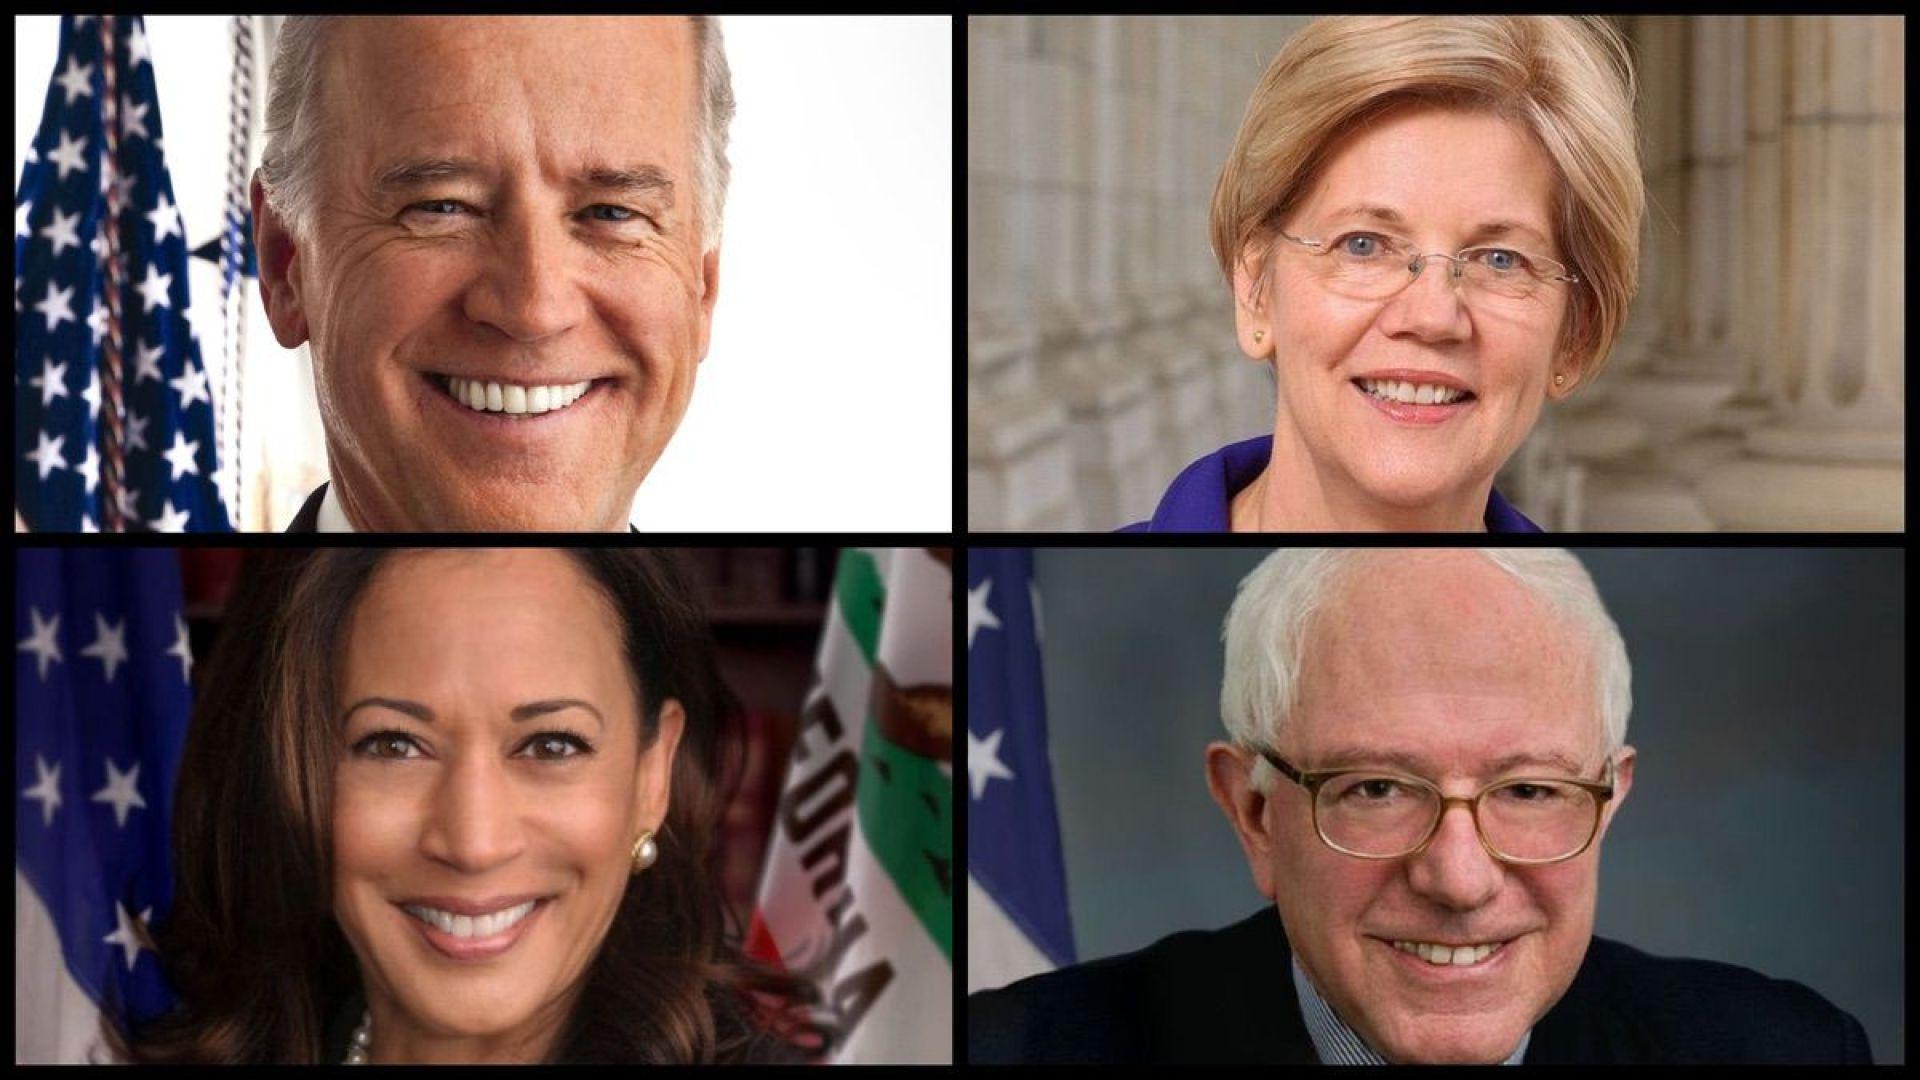 From top left: Joe Biden, Elizabeth Warren, Kamala Harris, Bernie Sanders